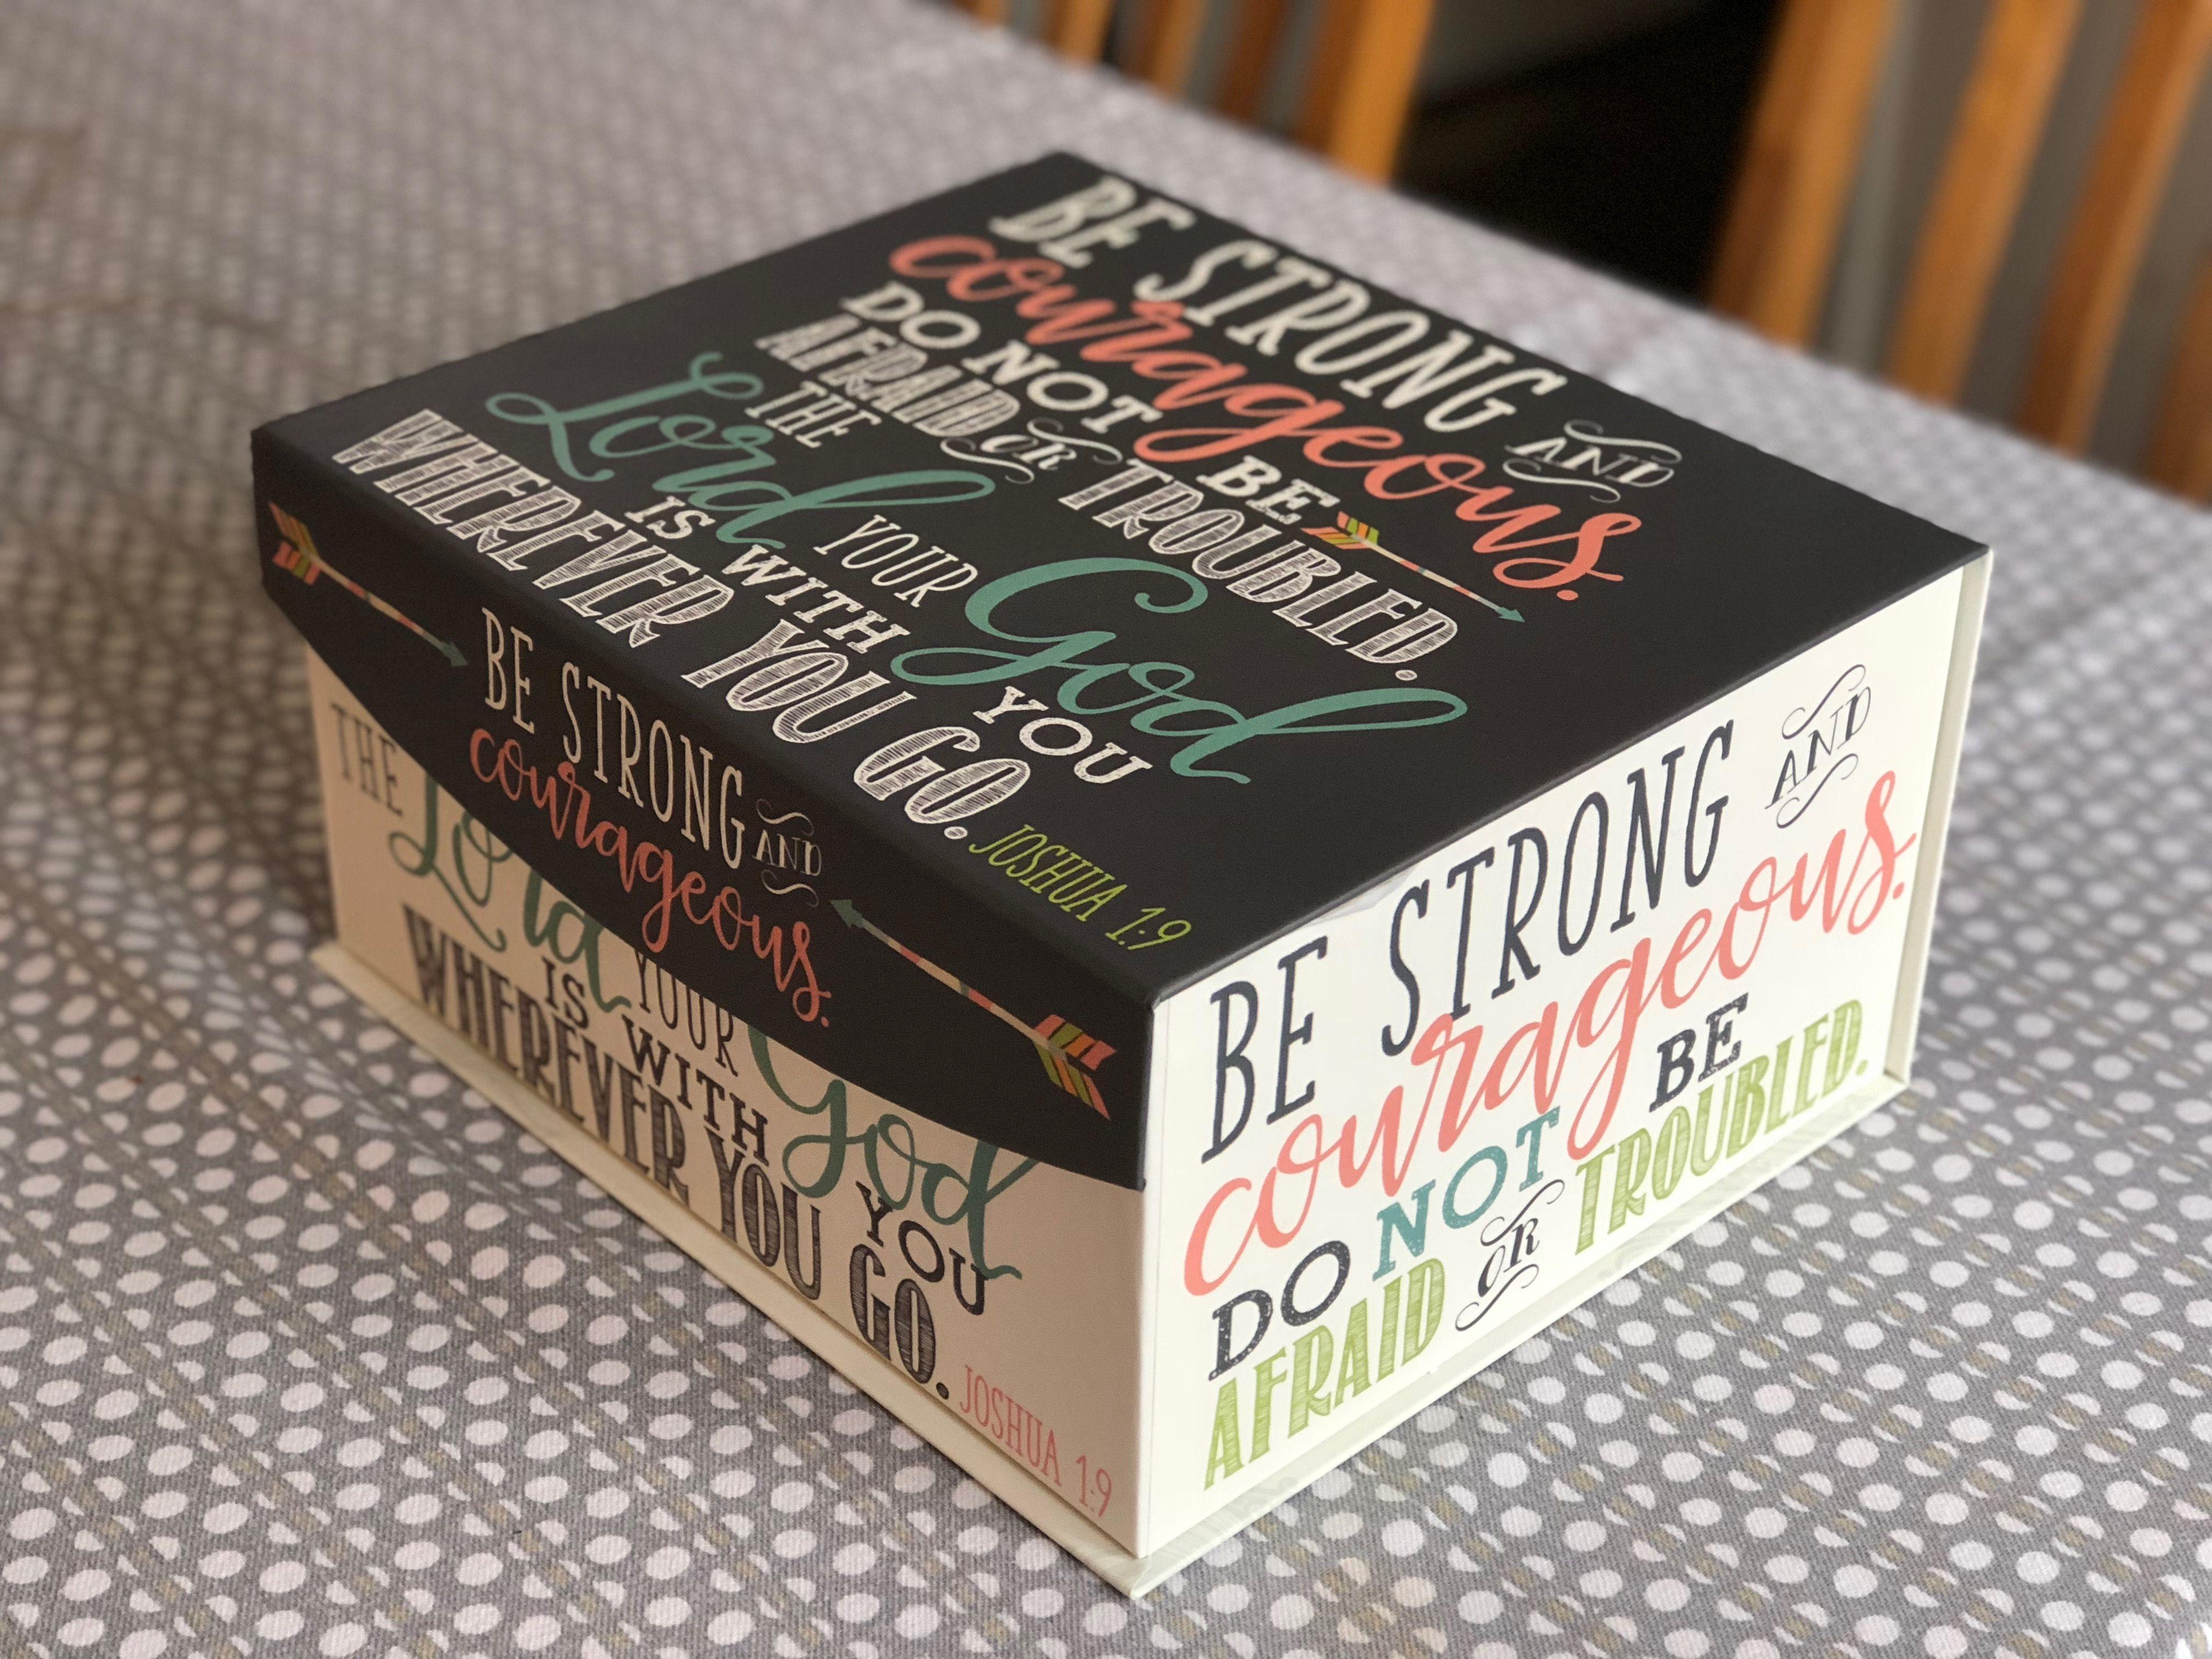 Box i bought from hobby lobby hobby lobby box